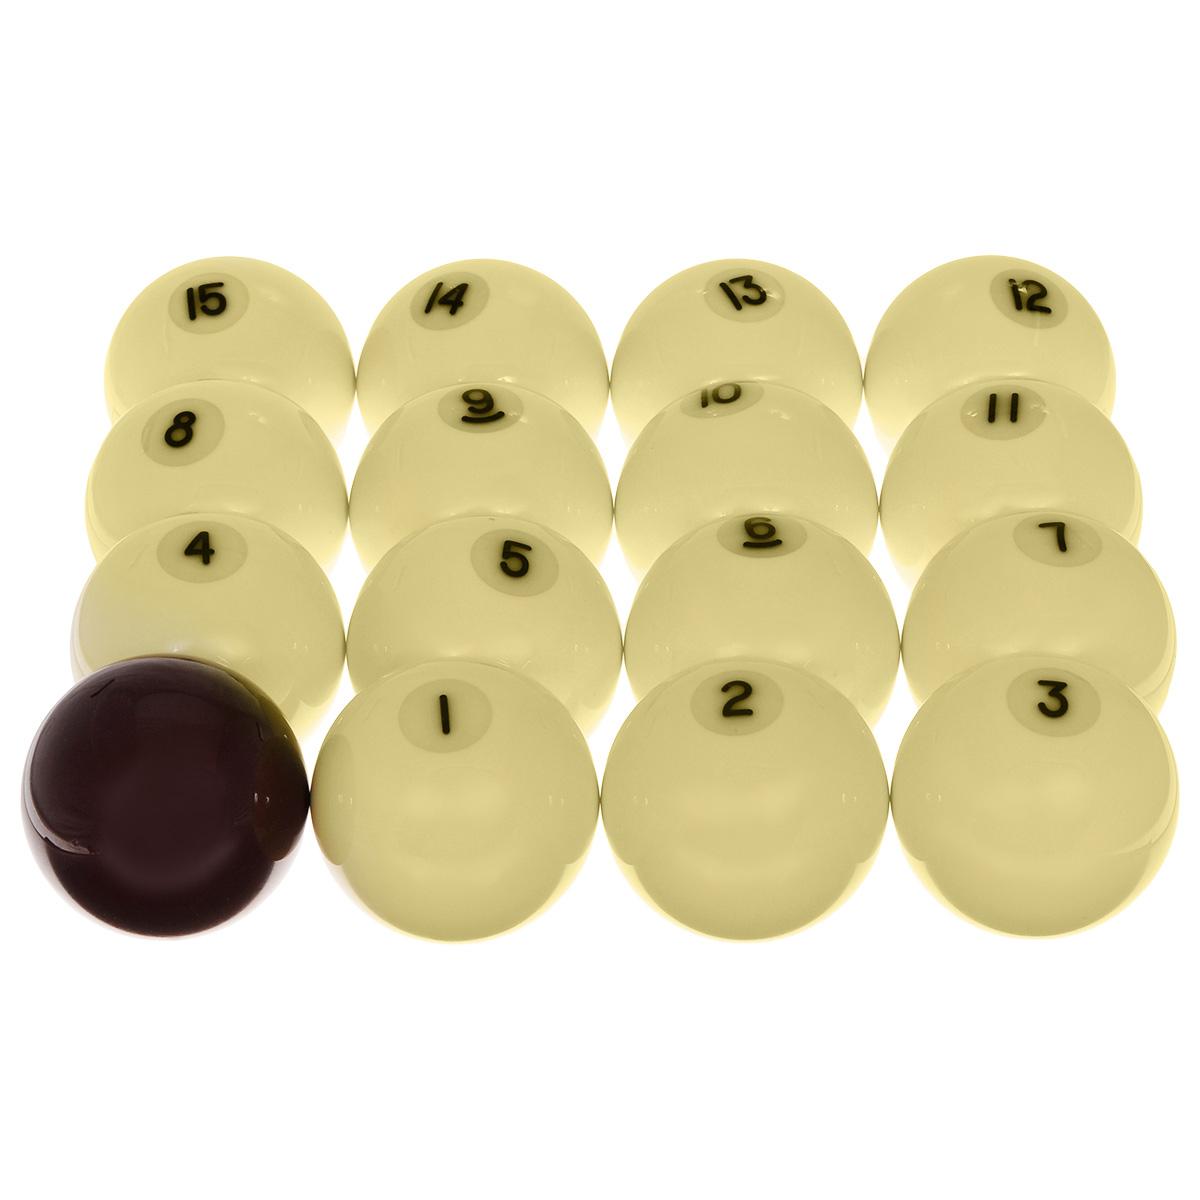 Шары бильярдные Aramith Standard Pyramid, бордовый биток, 68 мм00005Бильярдные шары Aramith Standard Pyramid 68 мм - золотая середина сочетания цены и качества. Производятся только фирмой Saluc, Бельгия. Дополнительная гладкая поверхность, которая минимизирует изнашивание сукна и служит для исключительной долговечности ткани. Гарантированные без полиэстера, настоящие феноло-альдегидные шары обладают всеми свойствами, которые ожидает требовательный игрок. Постоянная плотность и равновесие обеспечивают четкий контроль скорости, вращения и точность отскока шара.Описание комплекта:Шаров в комплекте: 16.Вид бильярда: русская пирамида.Цвет битка: бордовый.